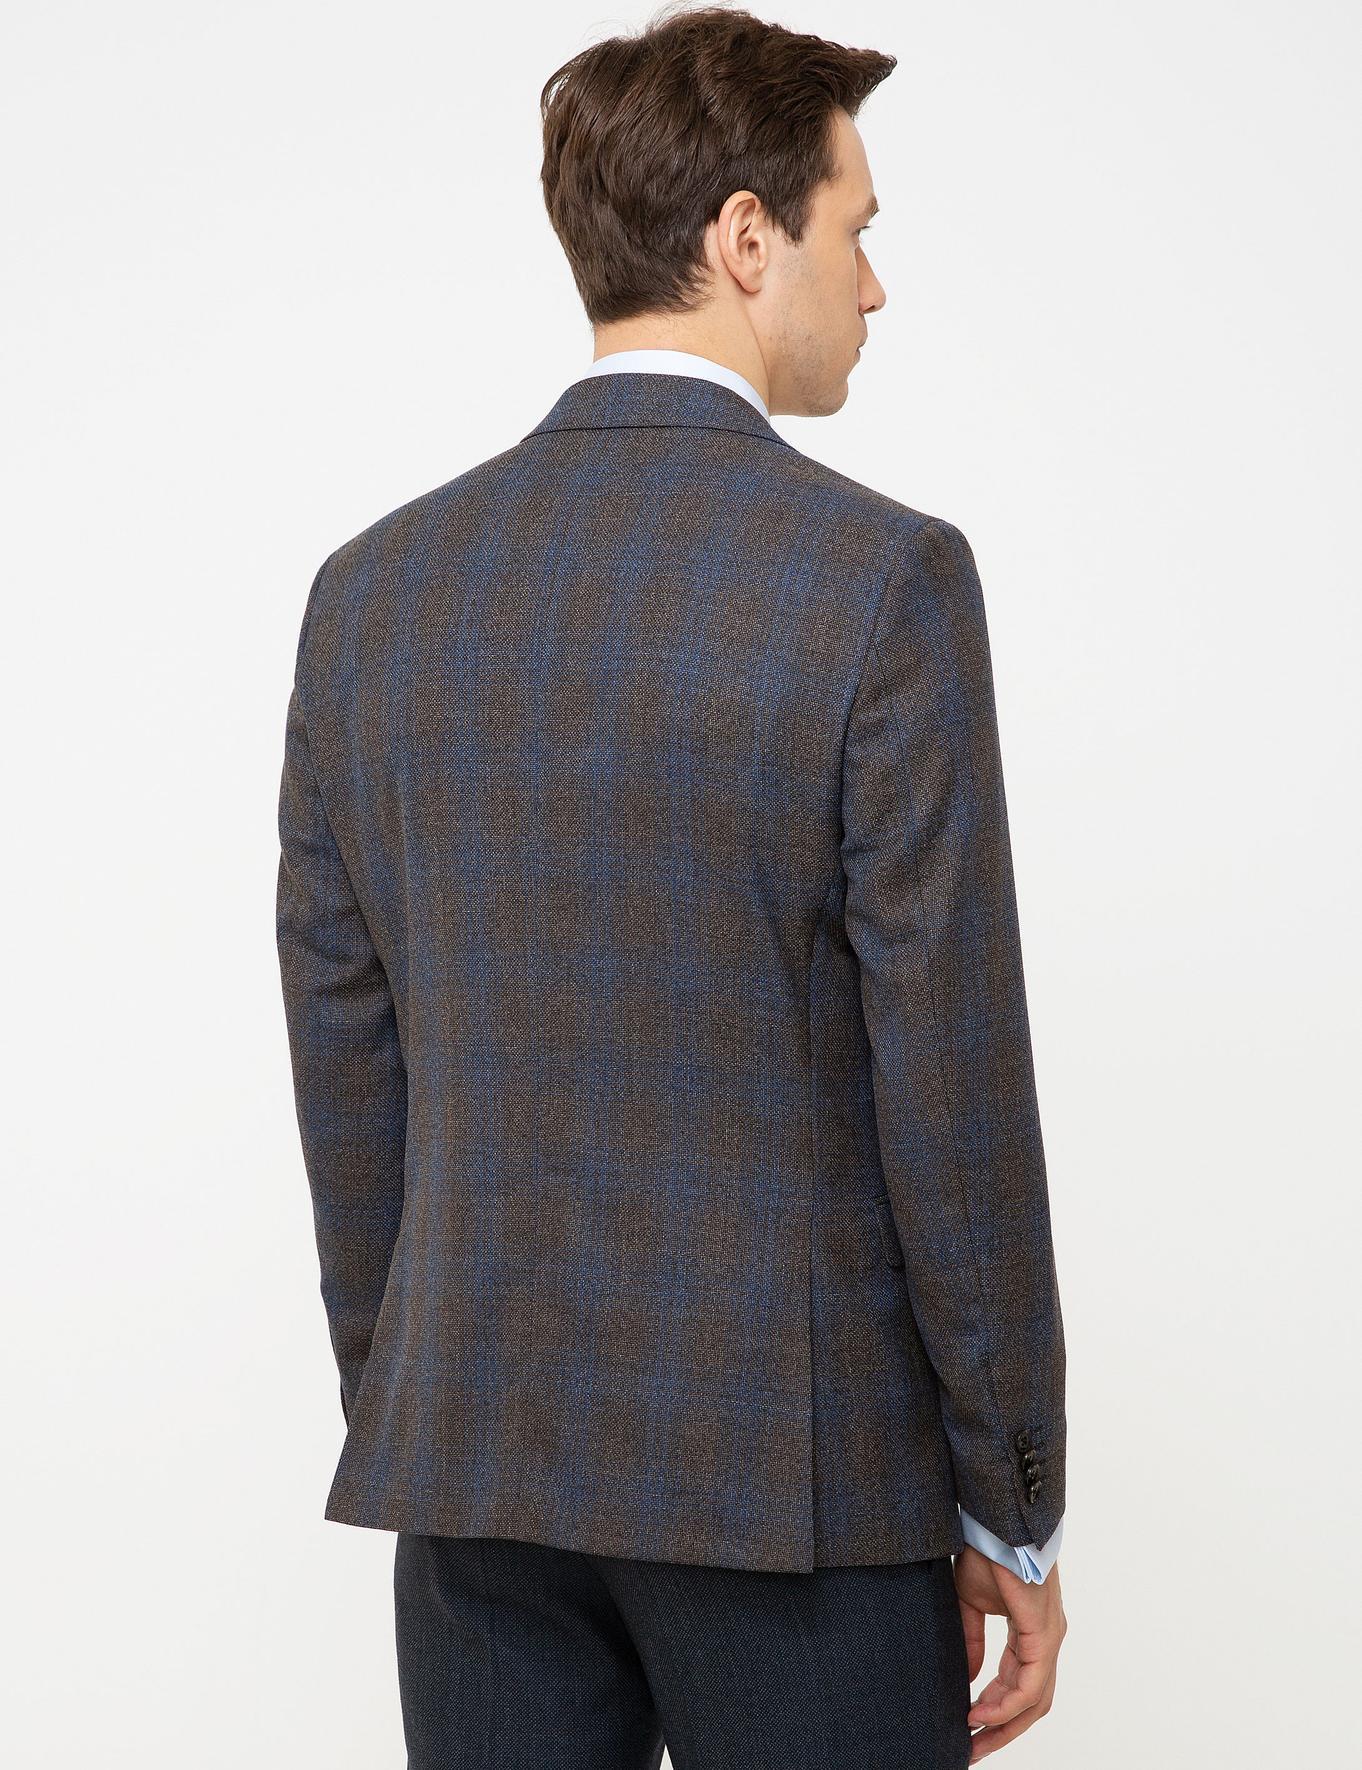 Kahverengi Slim Fit Ceket - 50213199071